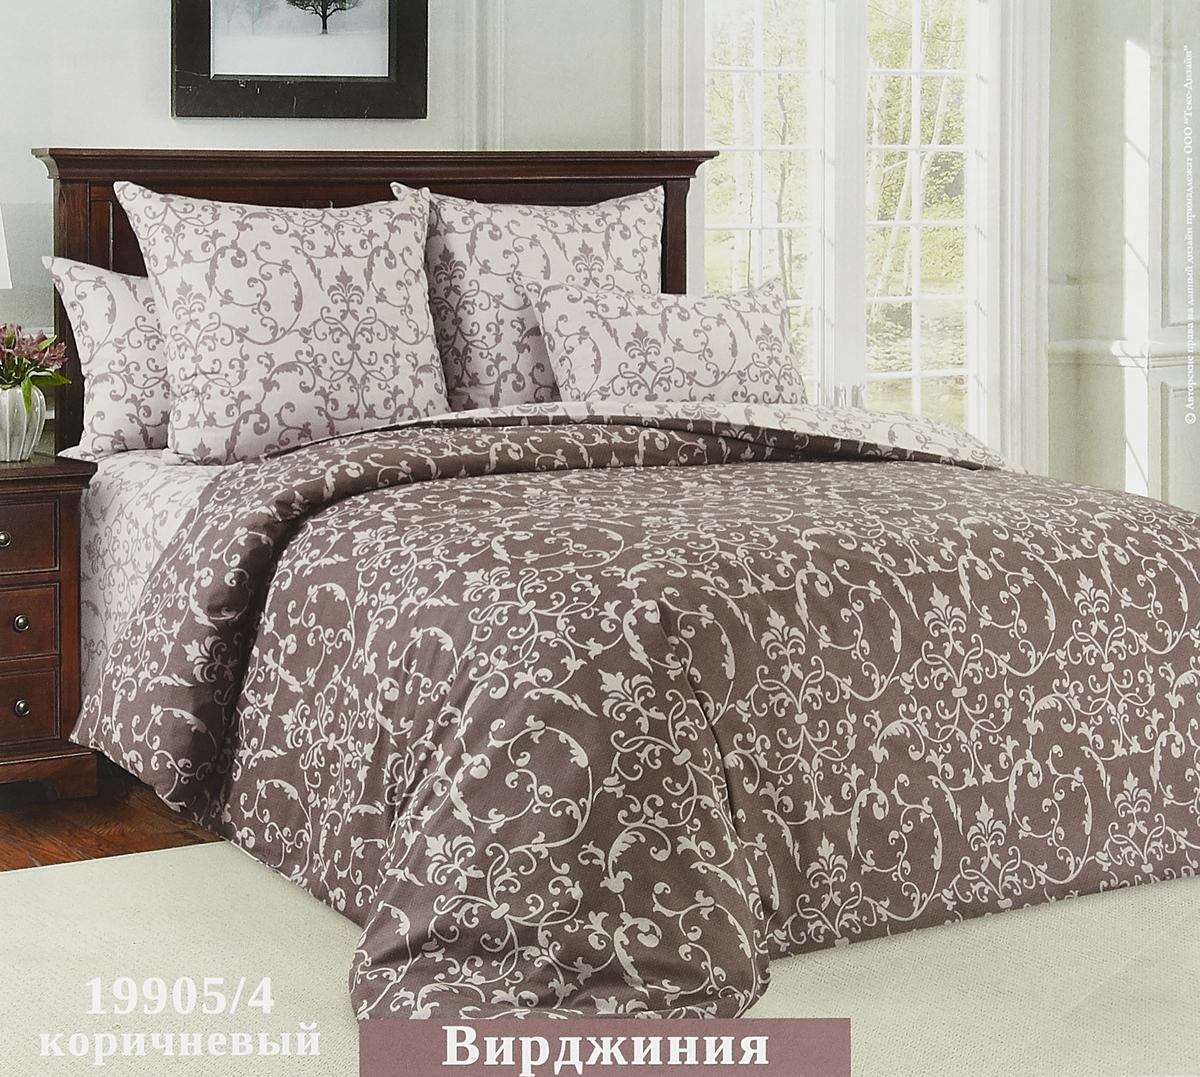 Комплект белья Текс Дизайн Вирджиния, семейный, наволочки 70x70, цвет: коричневый комплект белья текс дизайн моцарт 2 спальный наволочки 70x70 2200п